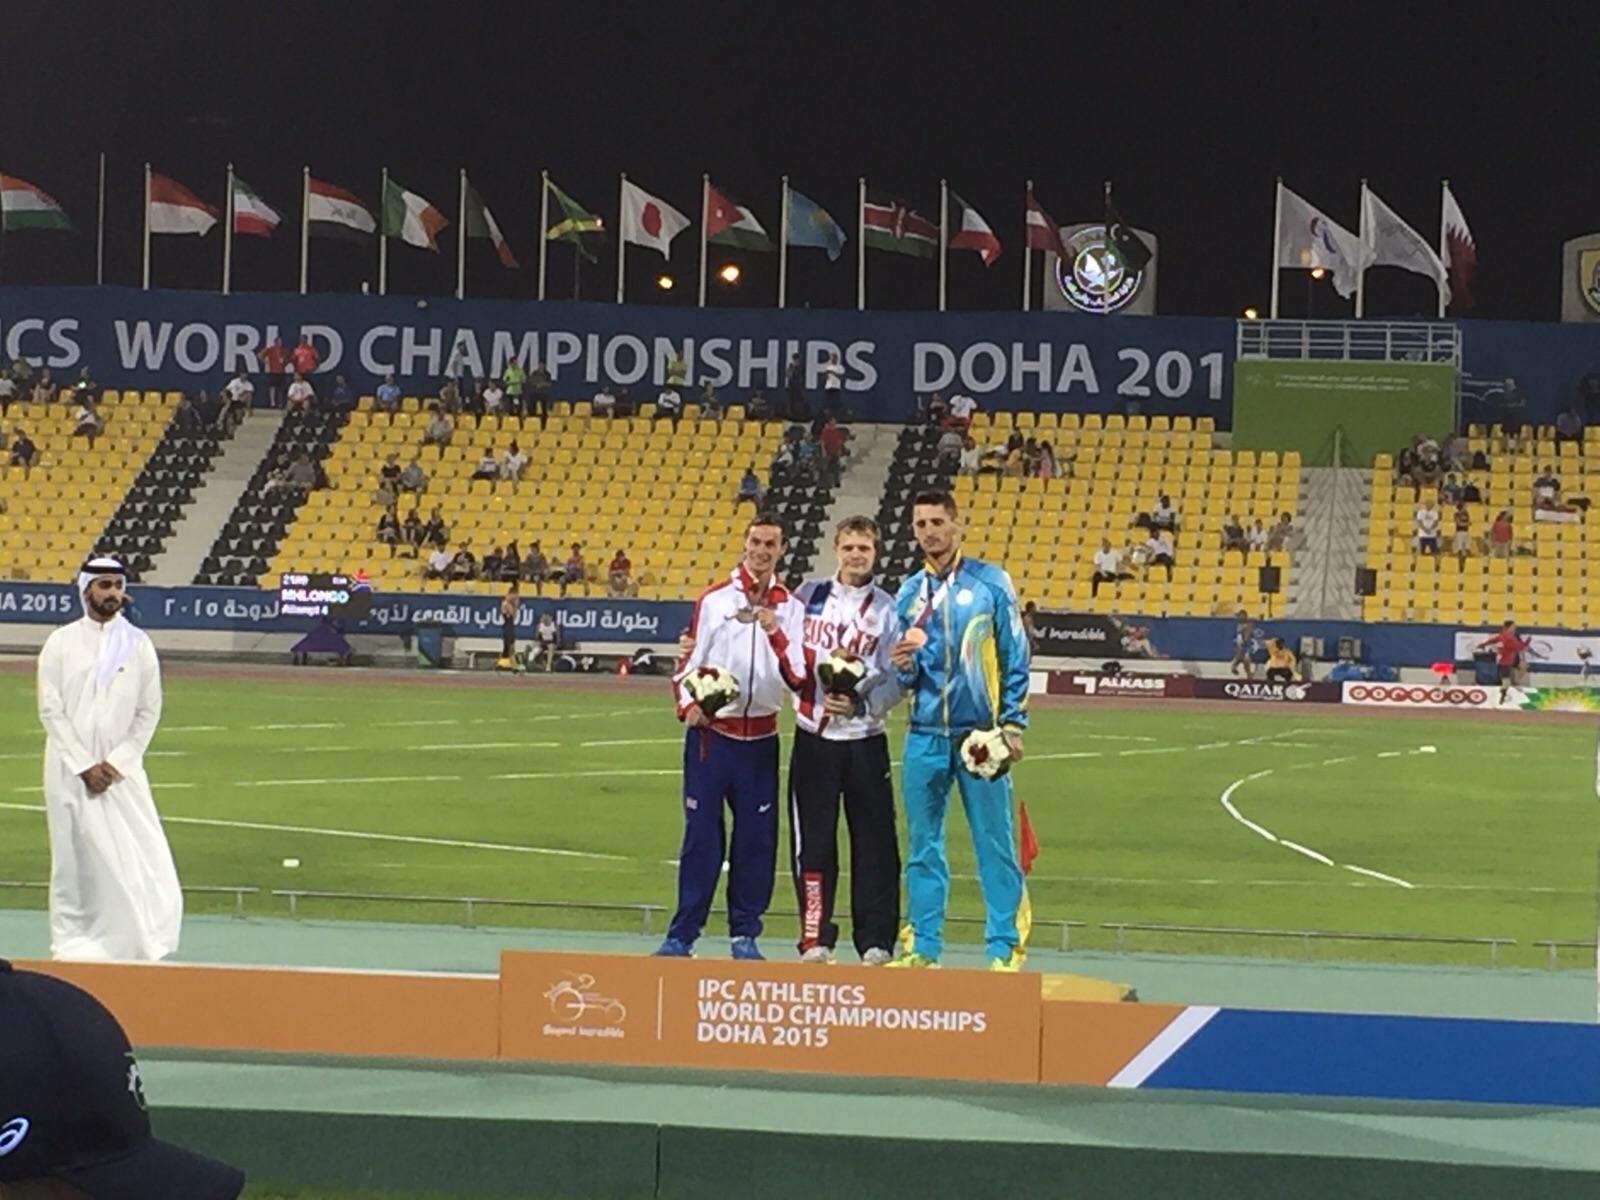 Российские легкоатлеты выиграли 2 золотые, 2 серебряные и 5 бронзовых медалей во второй день чемпионата мира IPC по легкой атлетике в Катаре